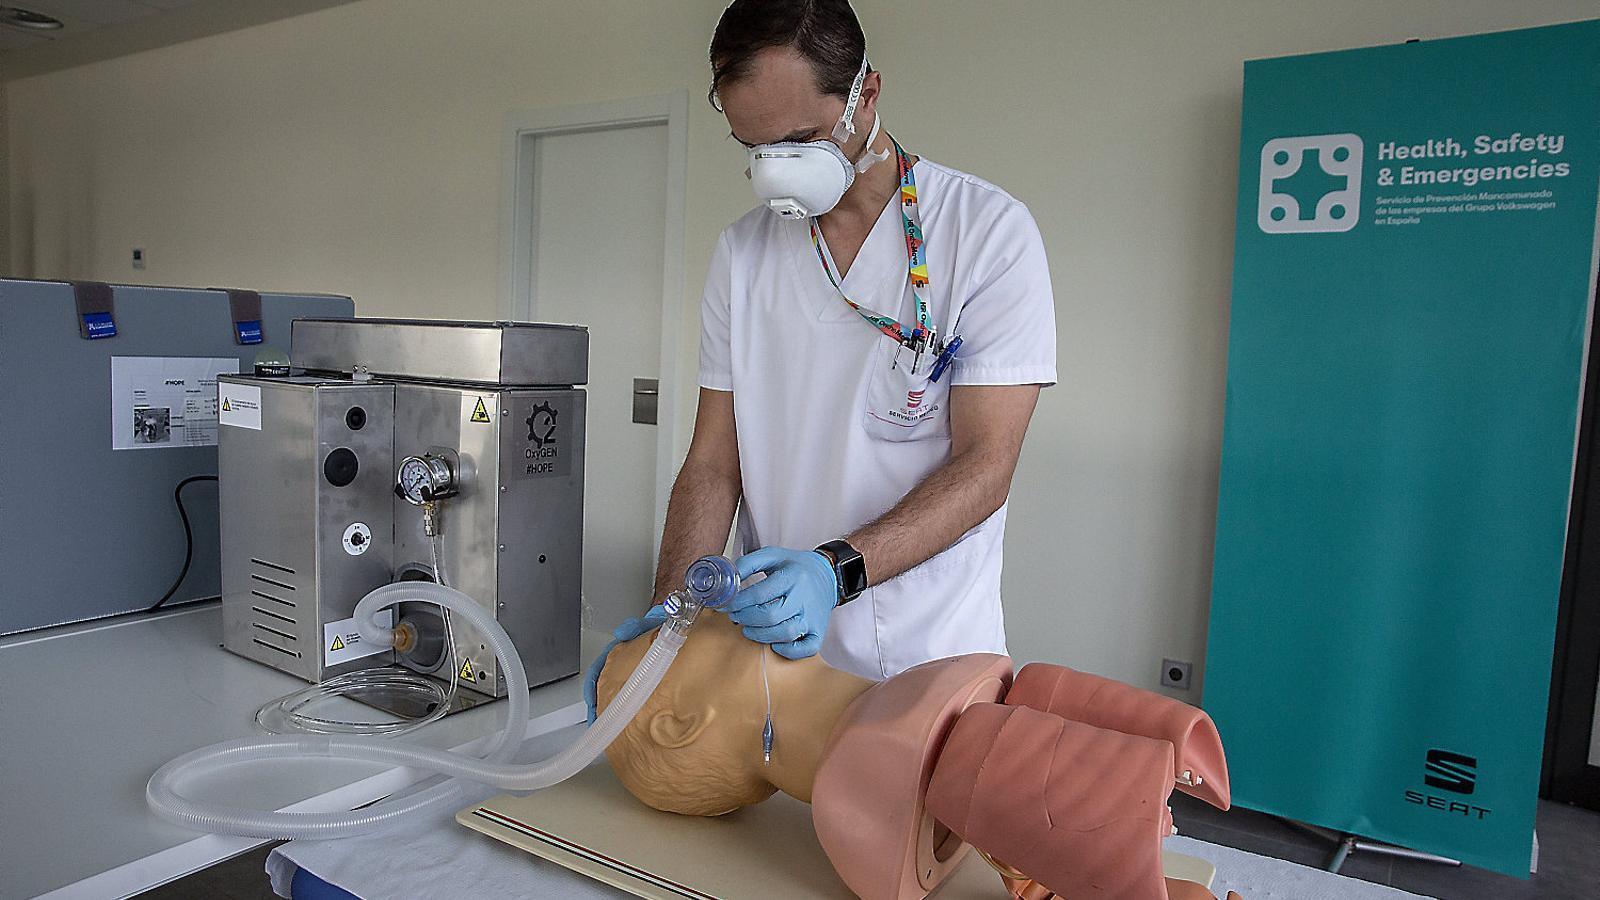 Què se n'ha fet dels respiradors que van sorgir durant la pandèmia?